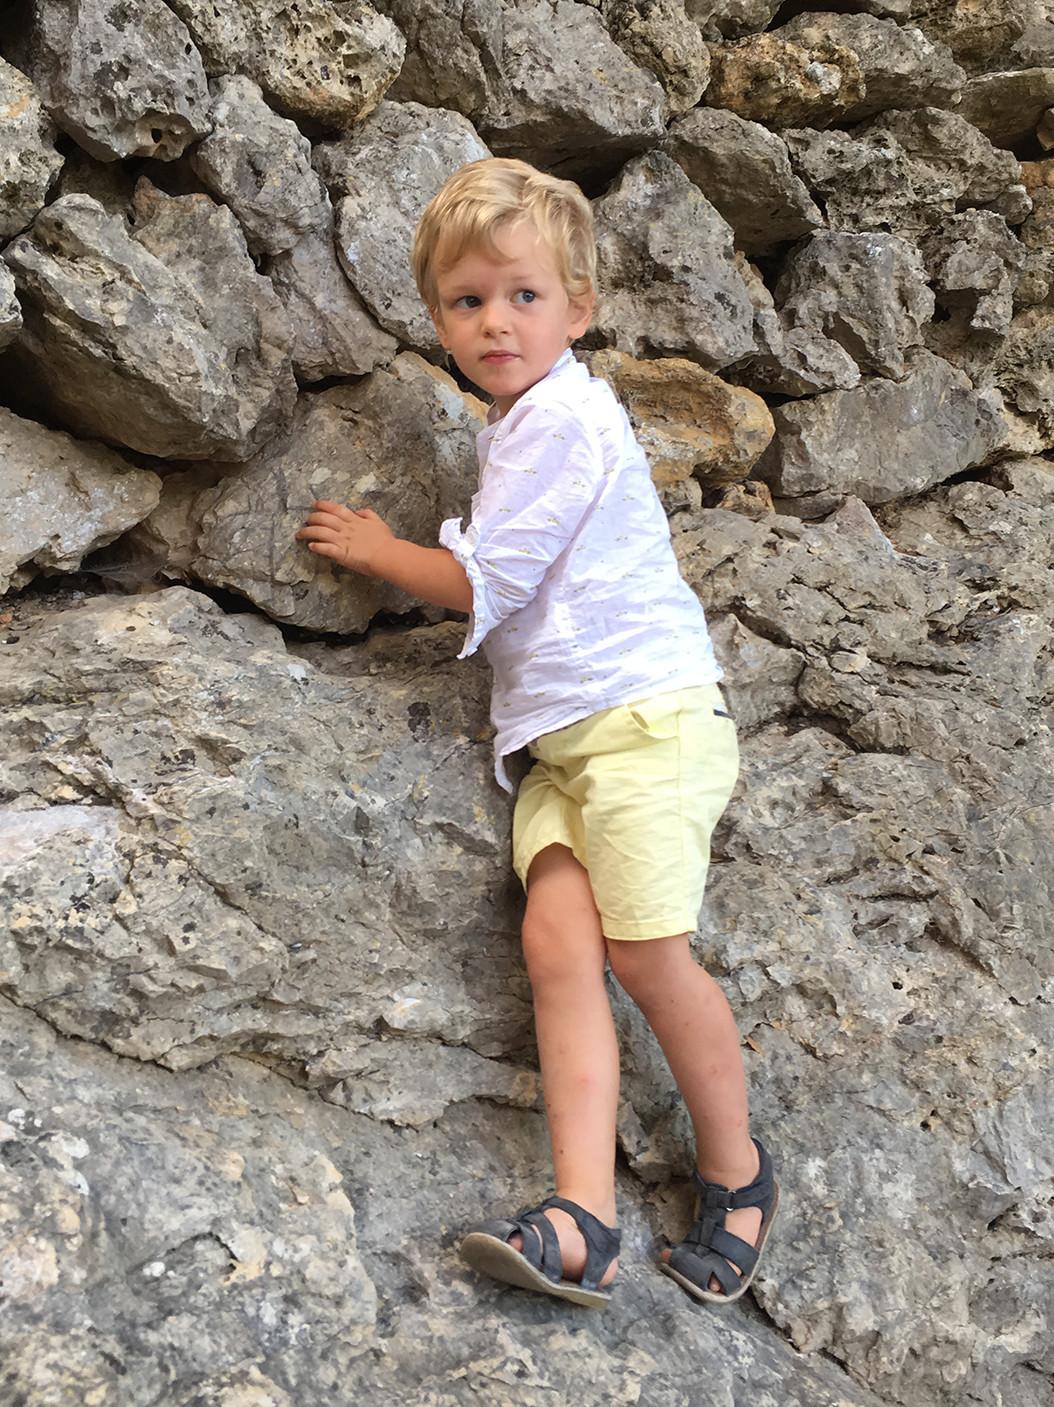 image_thumb_Appel à bénévoles à Toulon pour Stanislas, un petit garçon atteint d'autisme